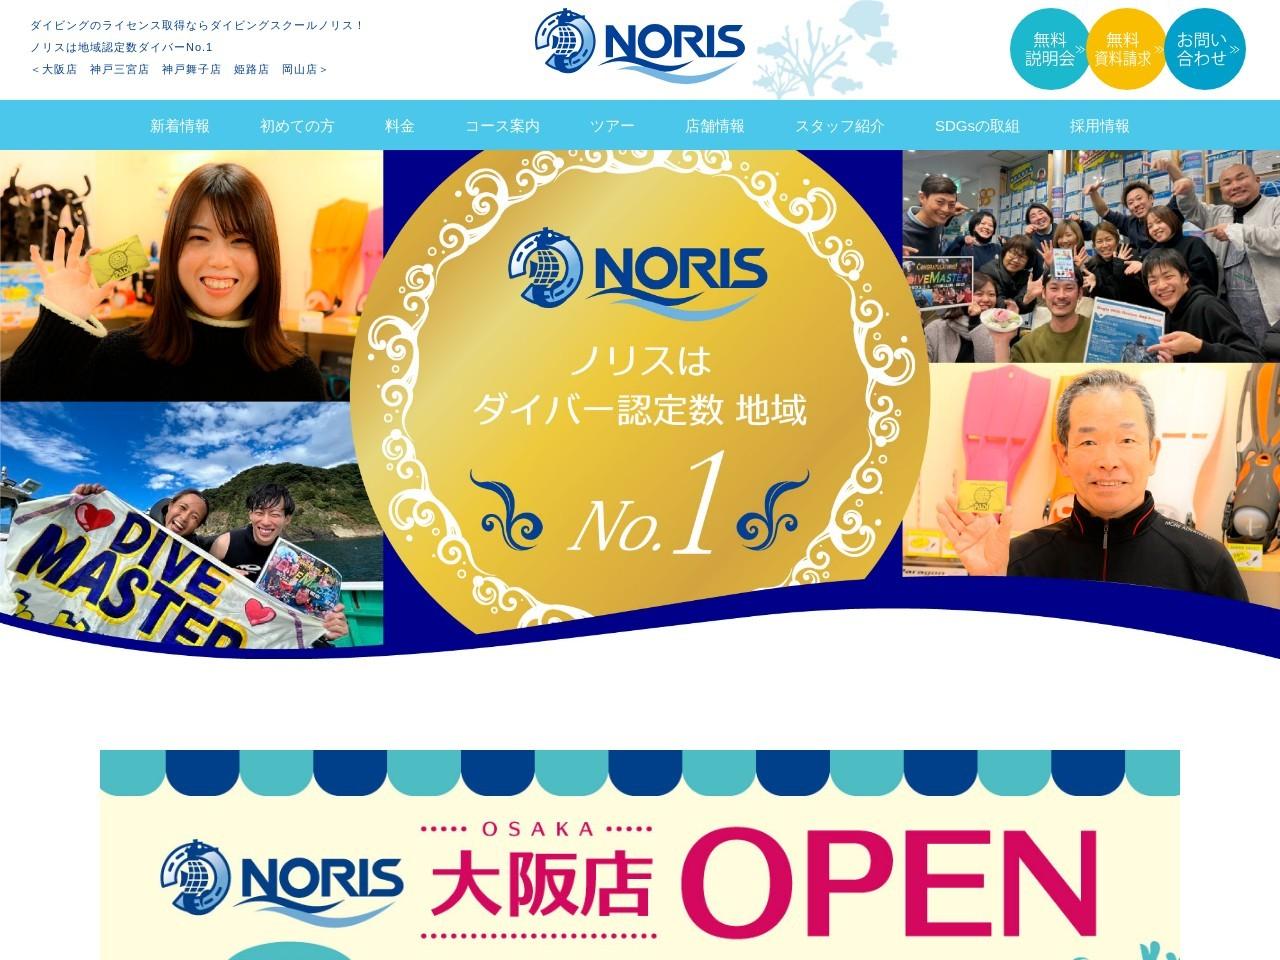 ダイビングスクール・ノリス神戸三宮店